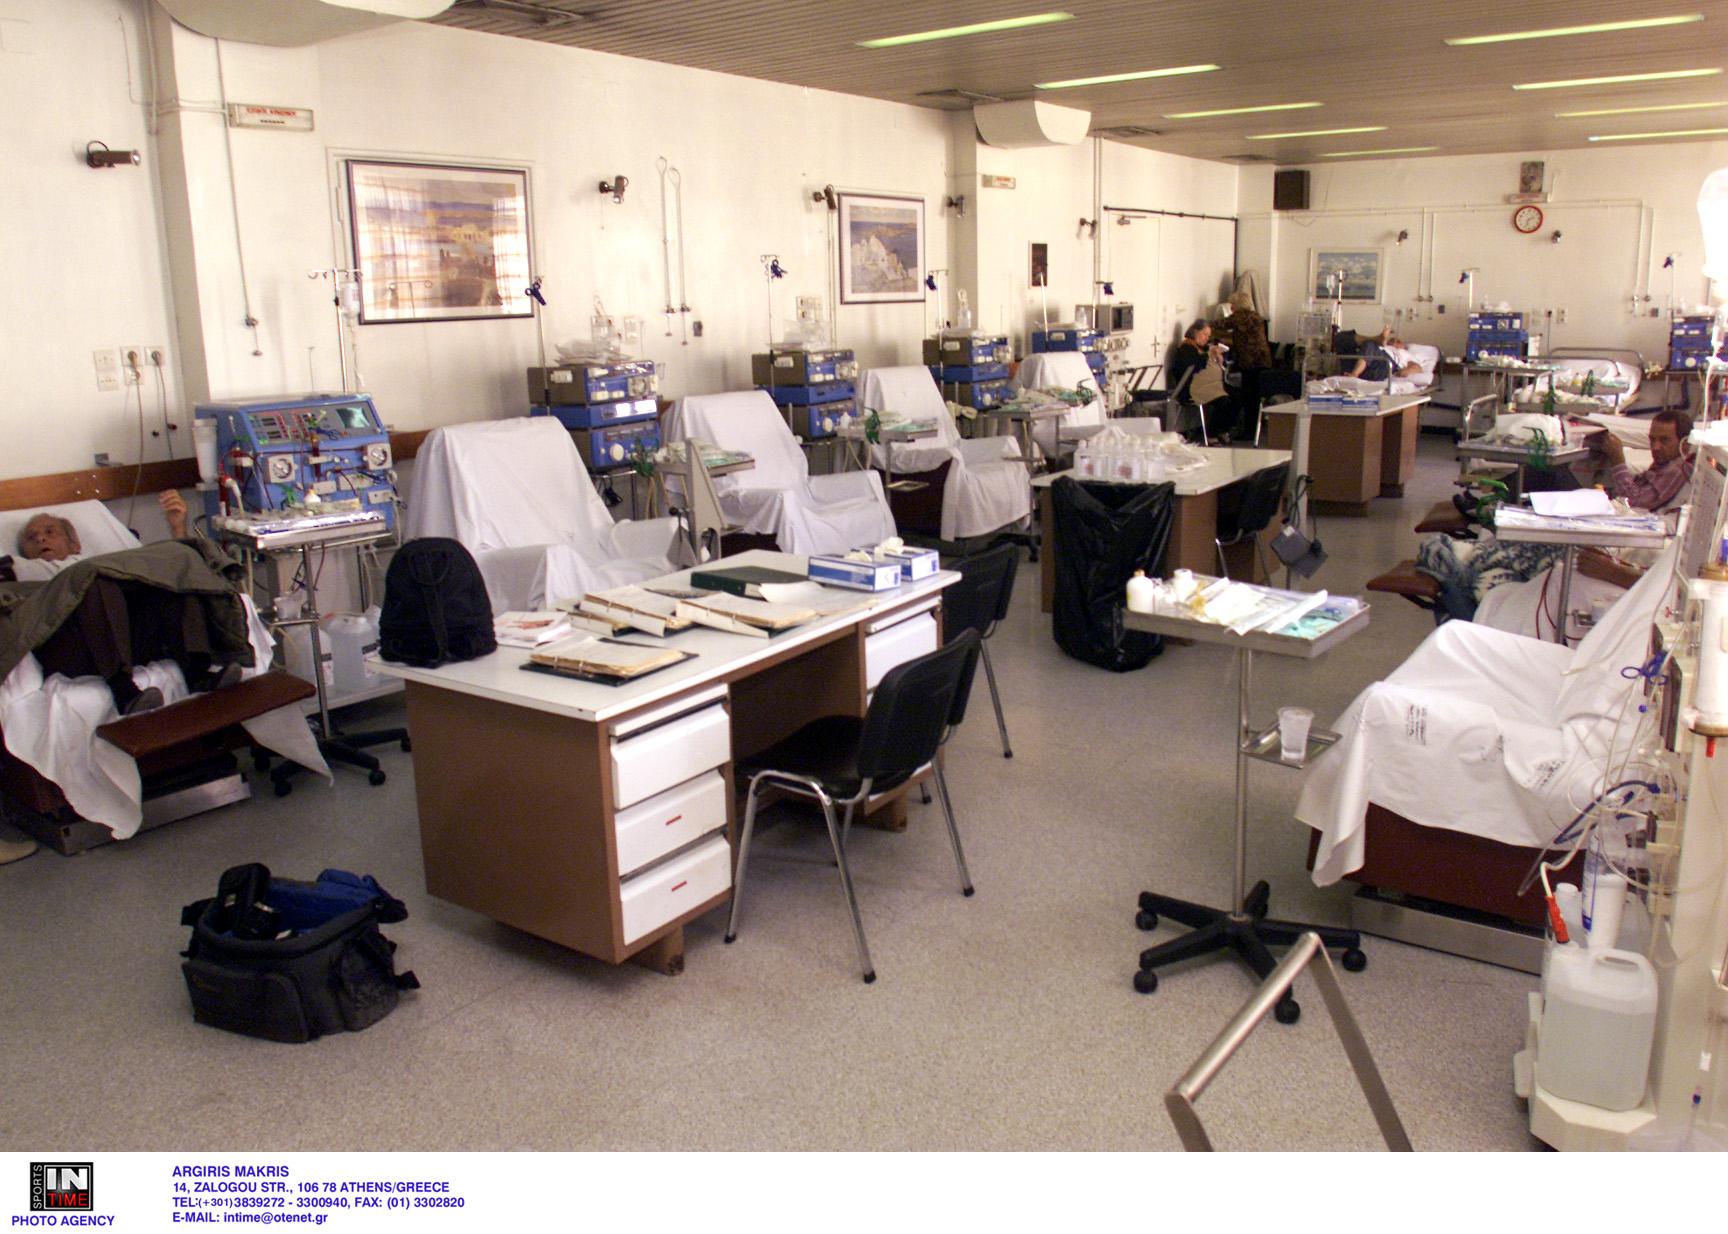 Κορονοϊός – Έρευνα: Οι νεφροπαθείς σε αιμοκάθαρση αναπτύσσουν πολύ λιγότερα αντισώματα μετά τον εμβολιασμό